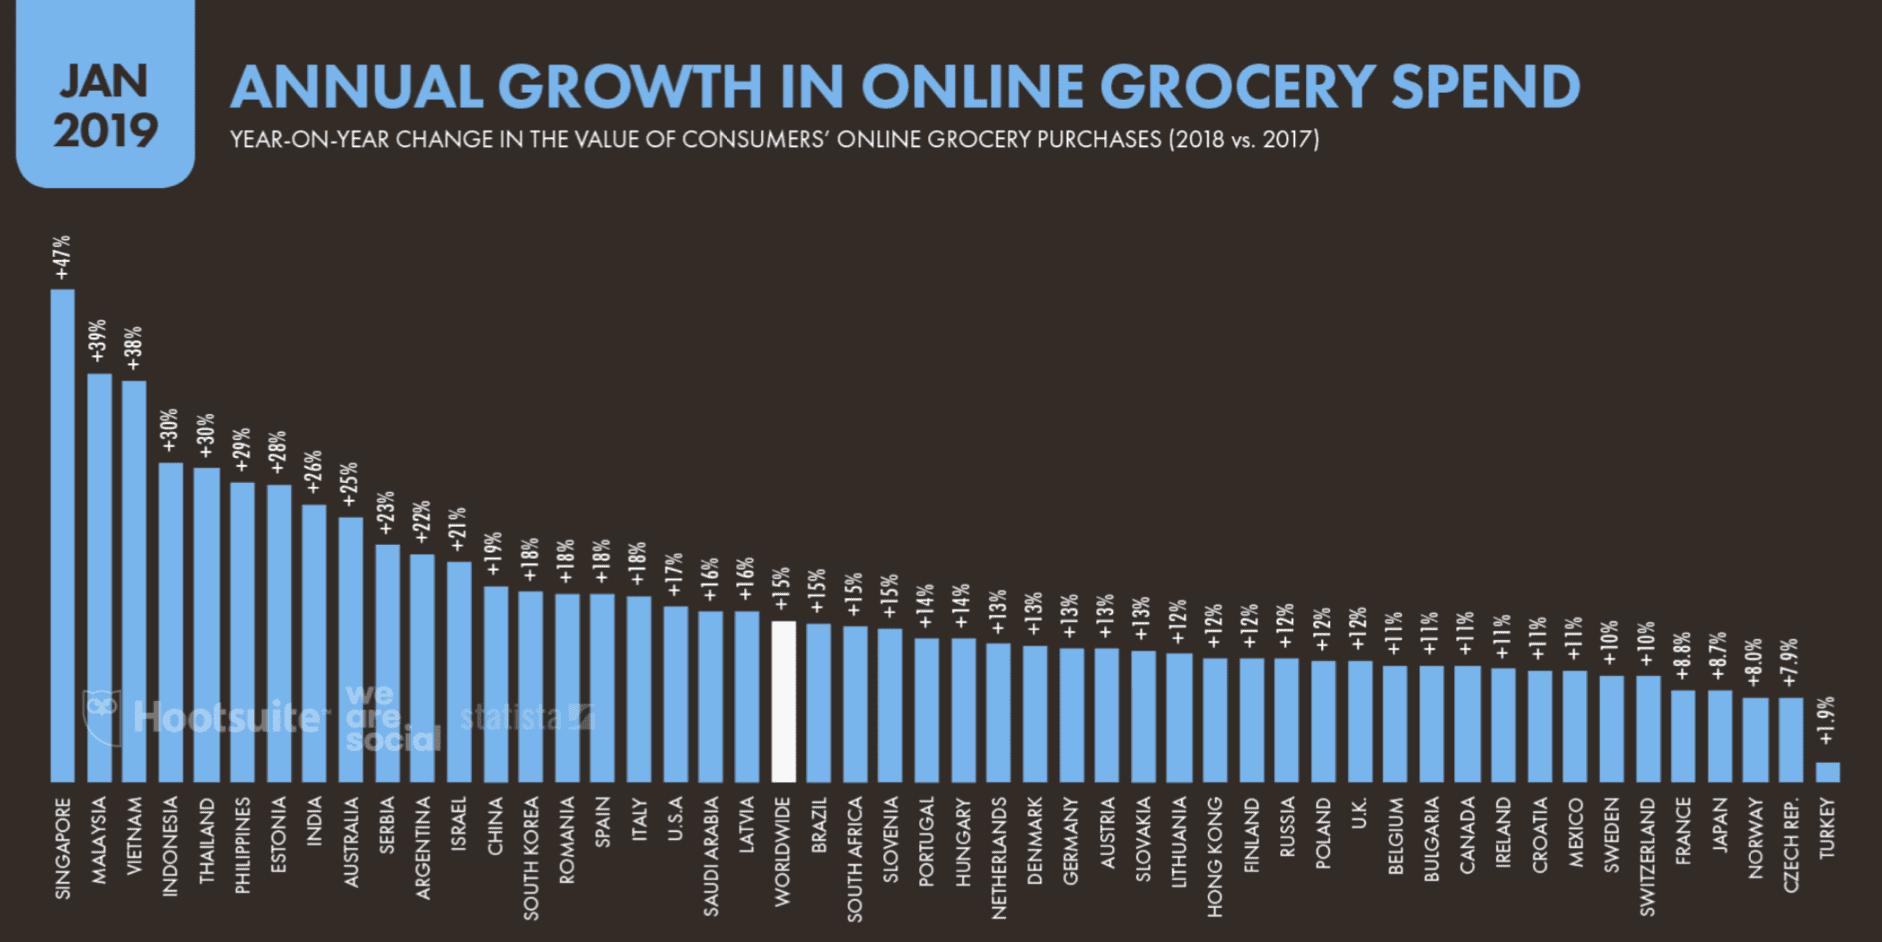 La croissance annuelle des dépenses d'épicerie en ligne